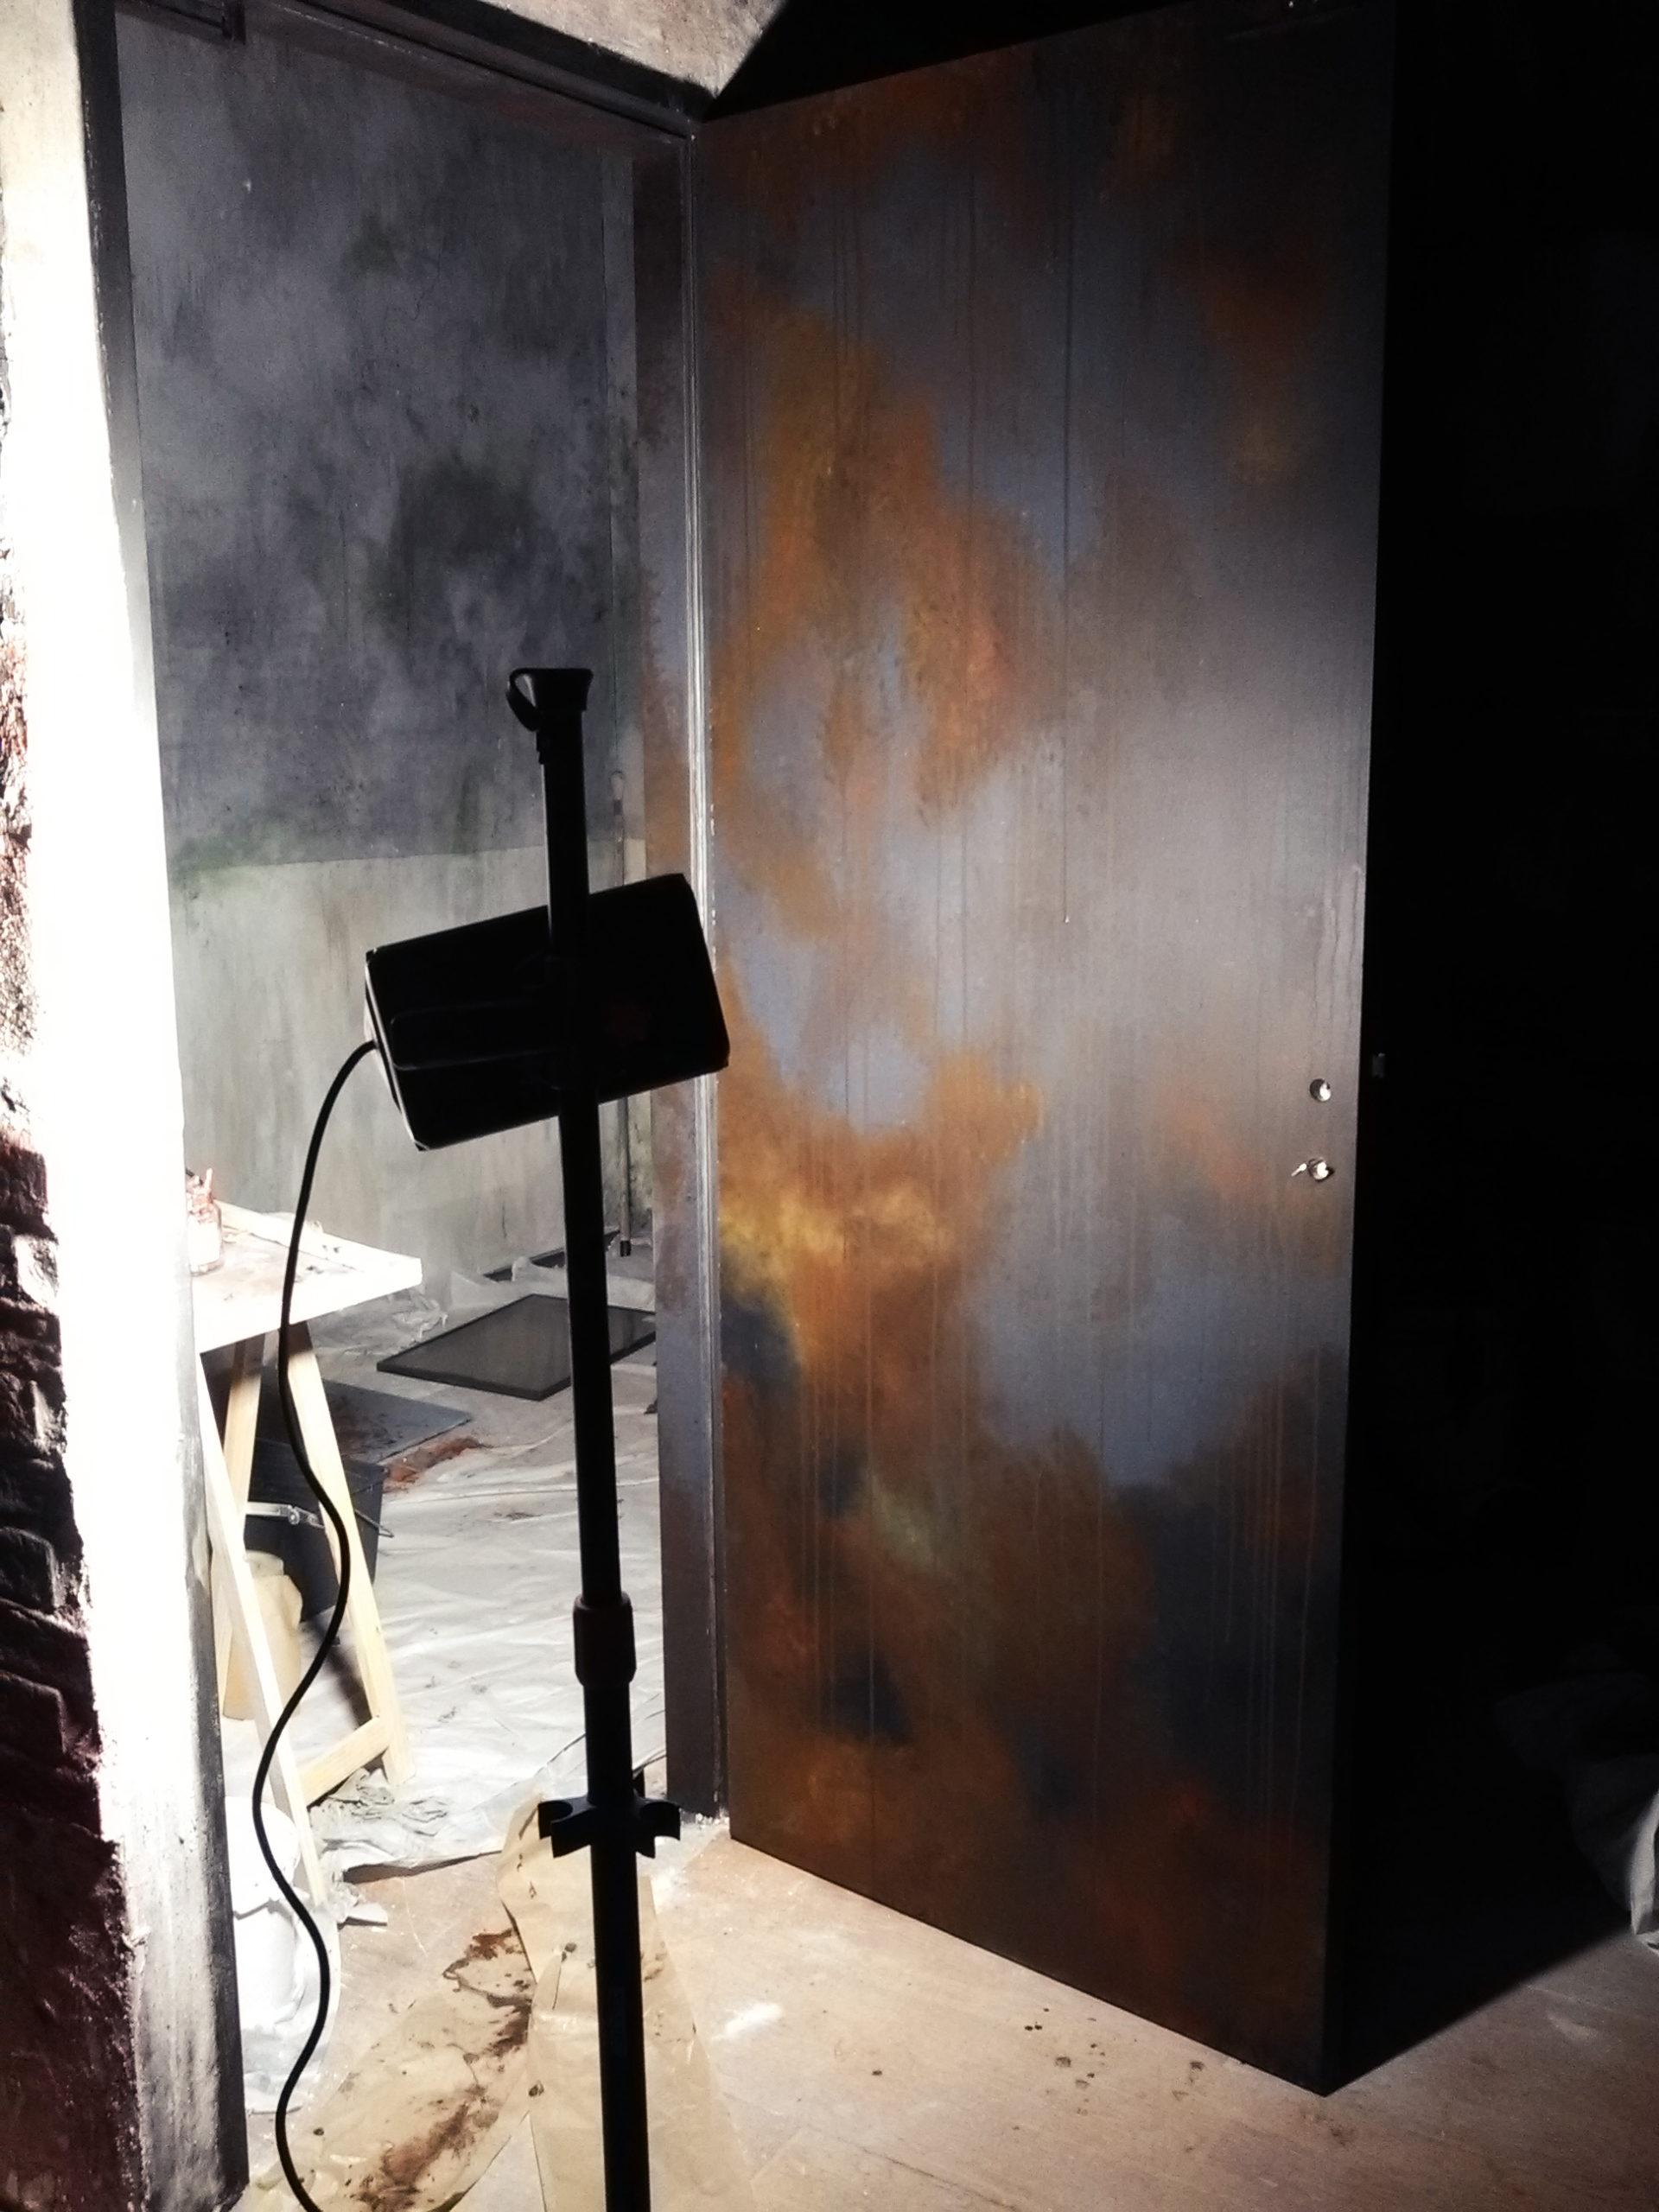 Décors escape game porte effet métal rouillé, scénographe, Assilem décors, peintre en décor Bordeaux, décoration intérieure, peinture décorative